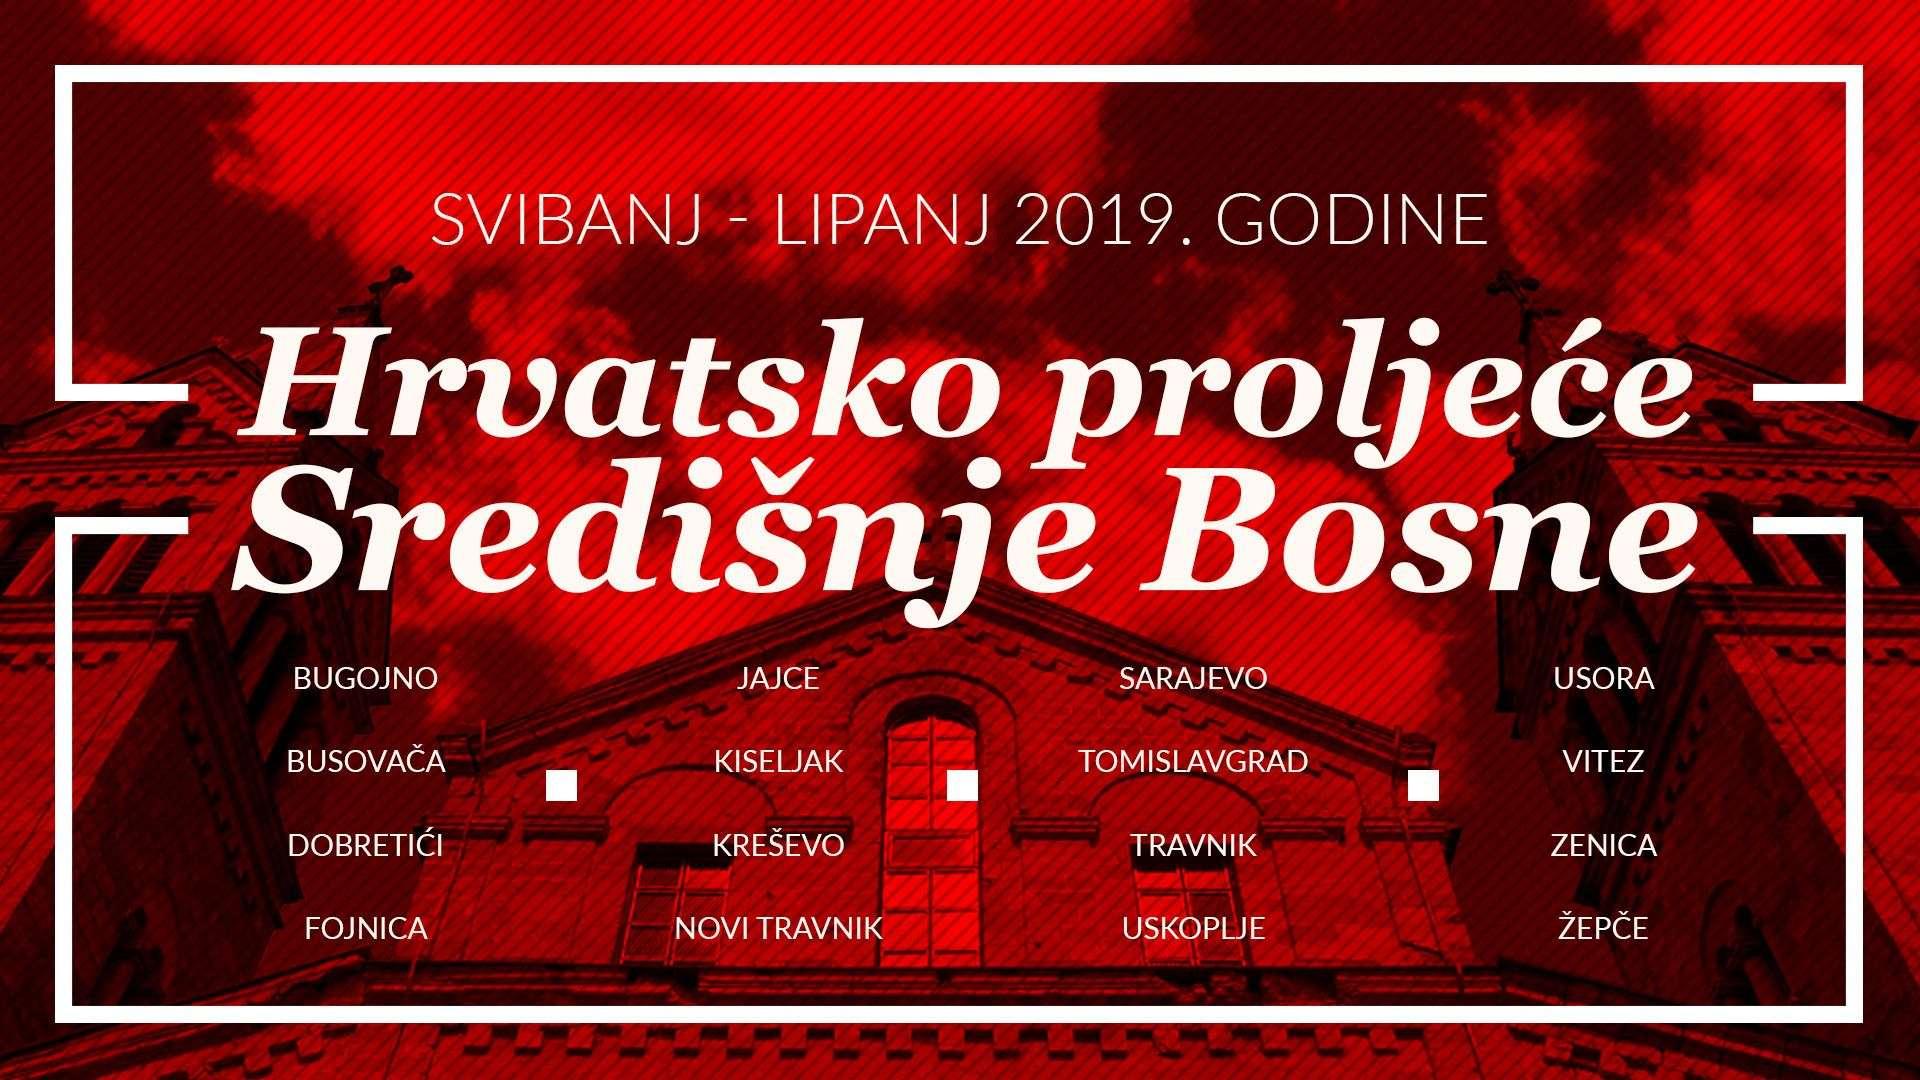 """""""hrvatsko proljeće"""" ove sedmice u busovači, kreševu, dobretićima i uskoplju"""